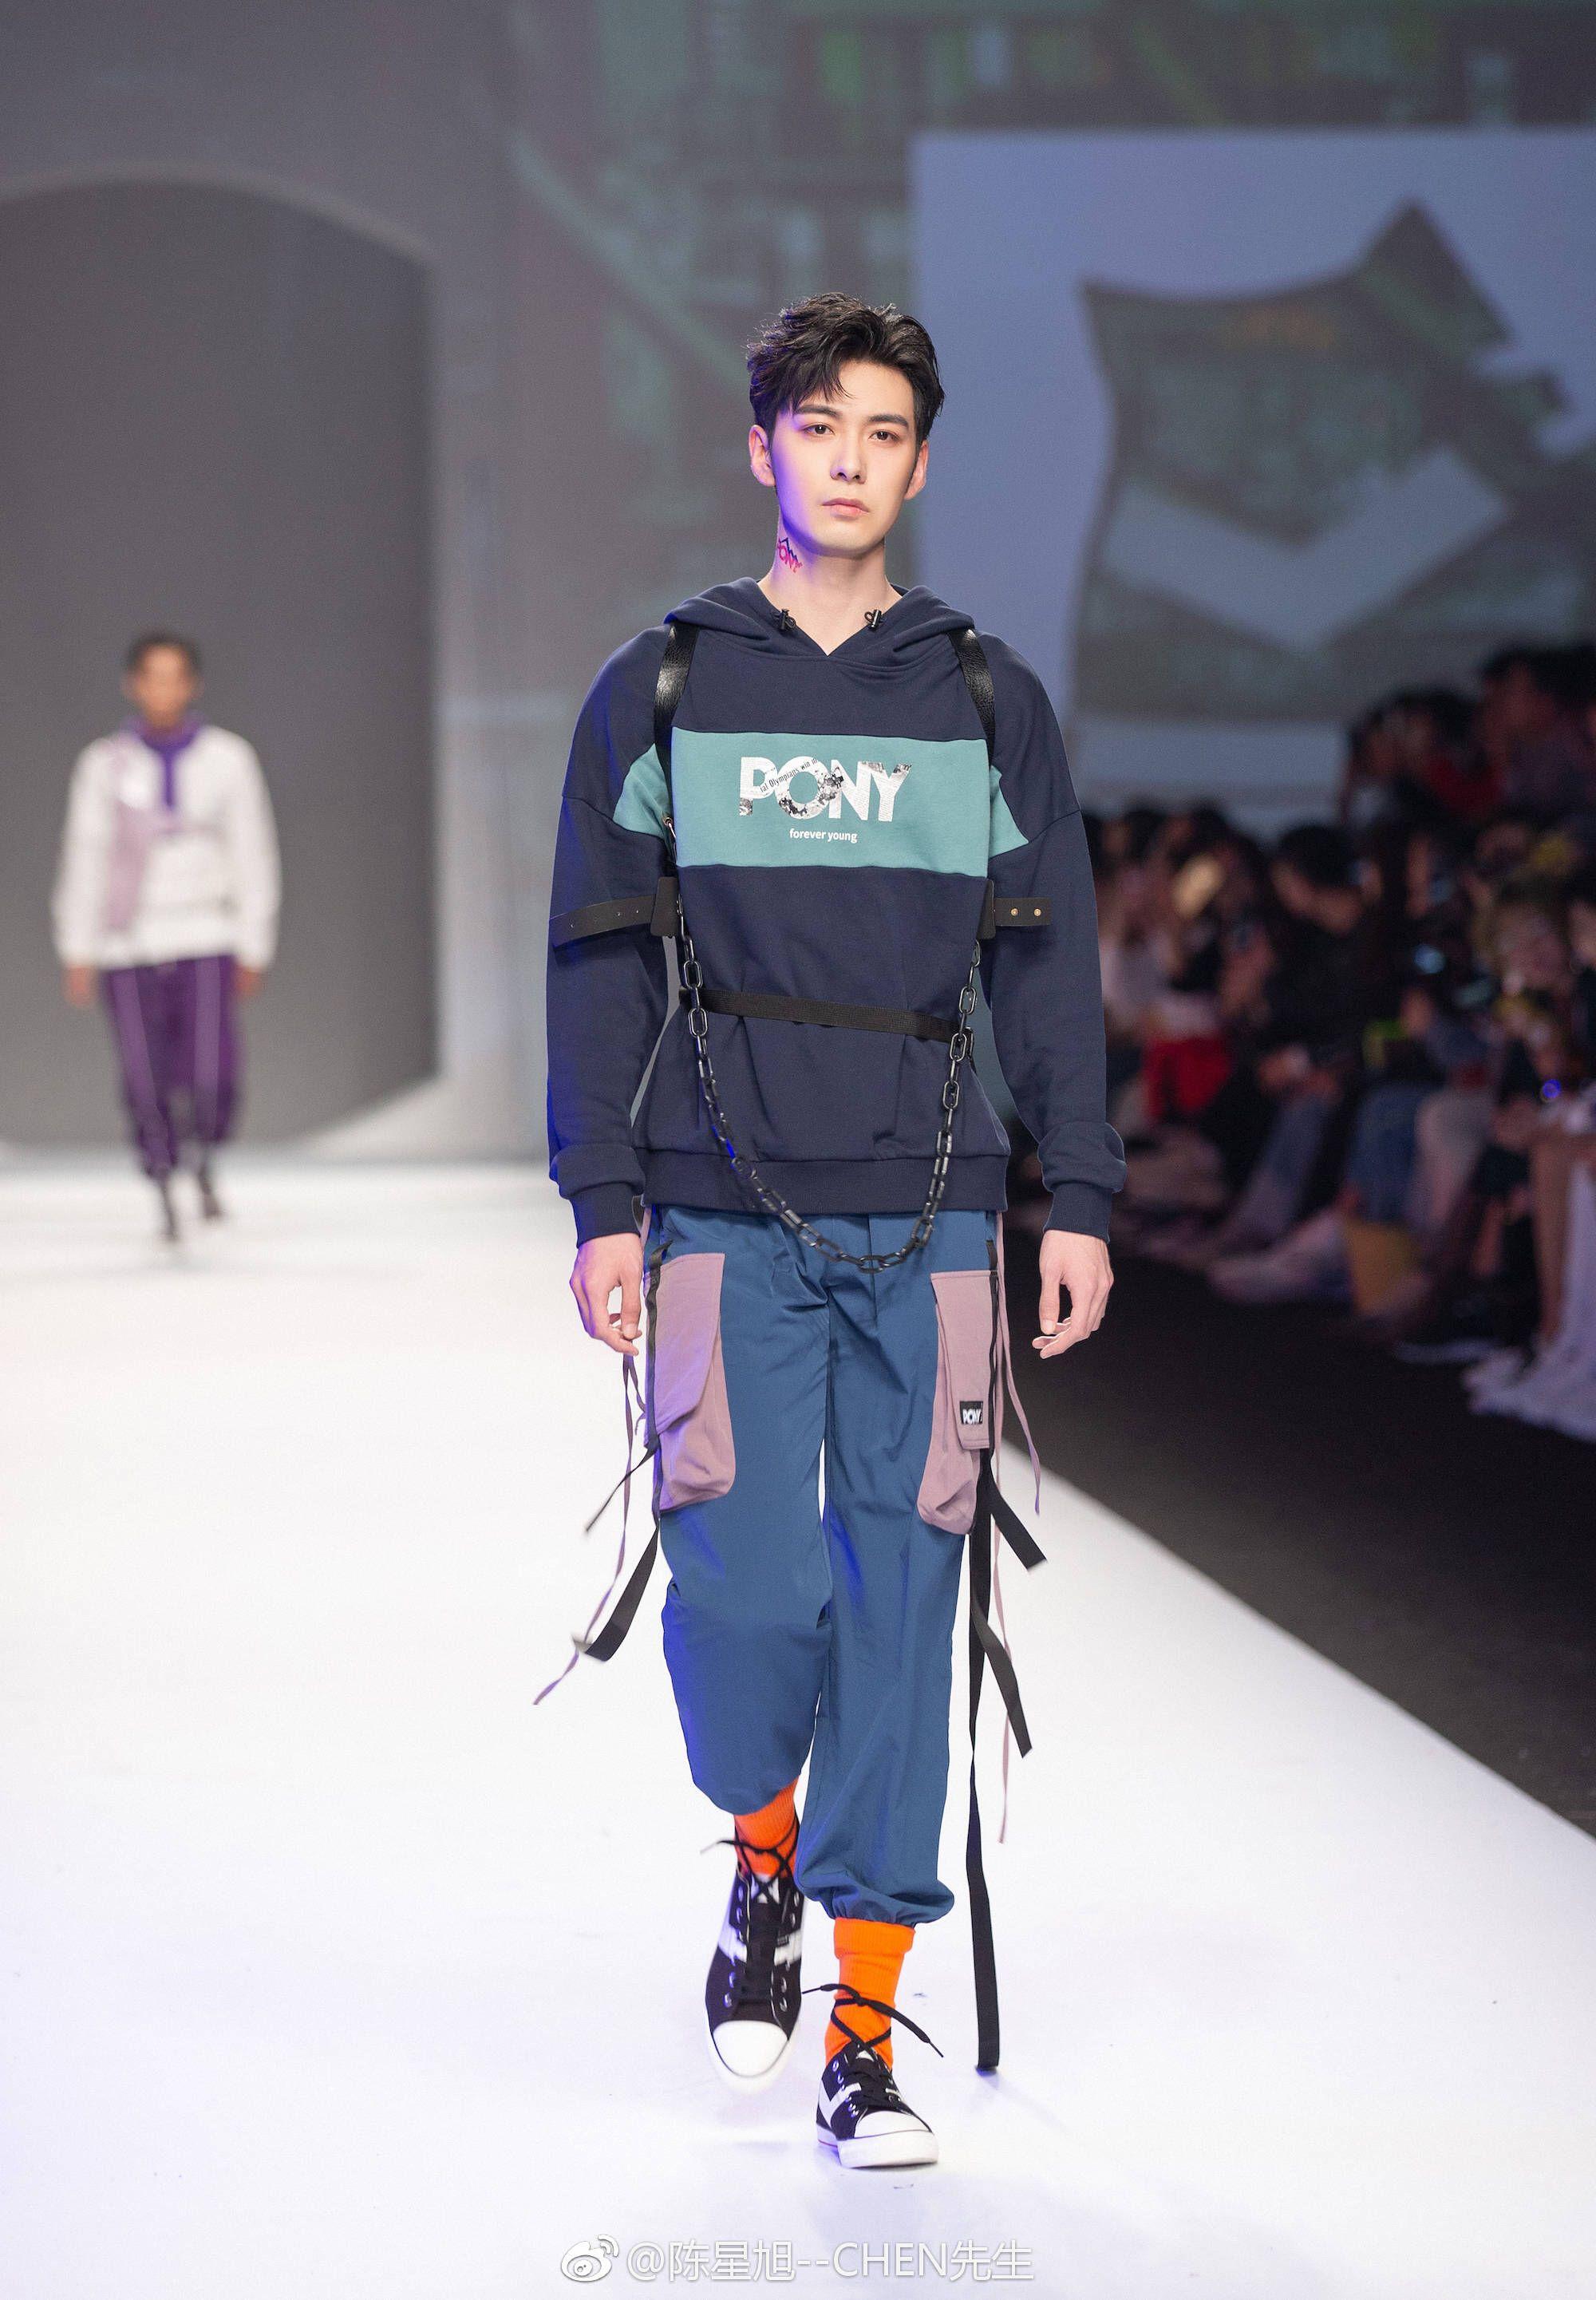 ปักพินโดย Thanya Joong ใน ตงกง